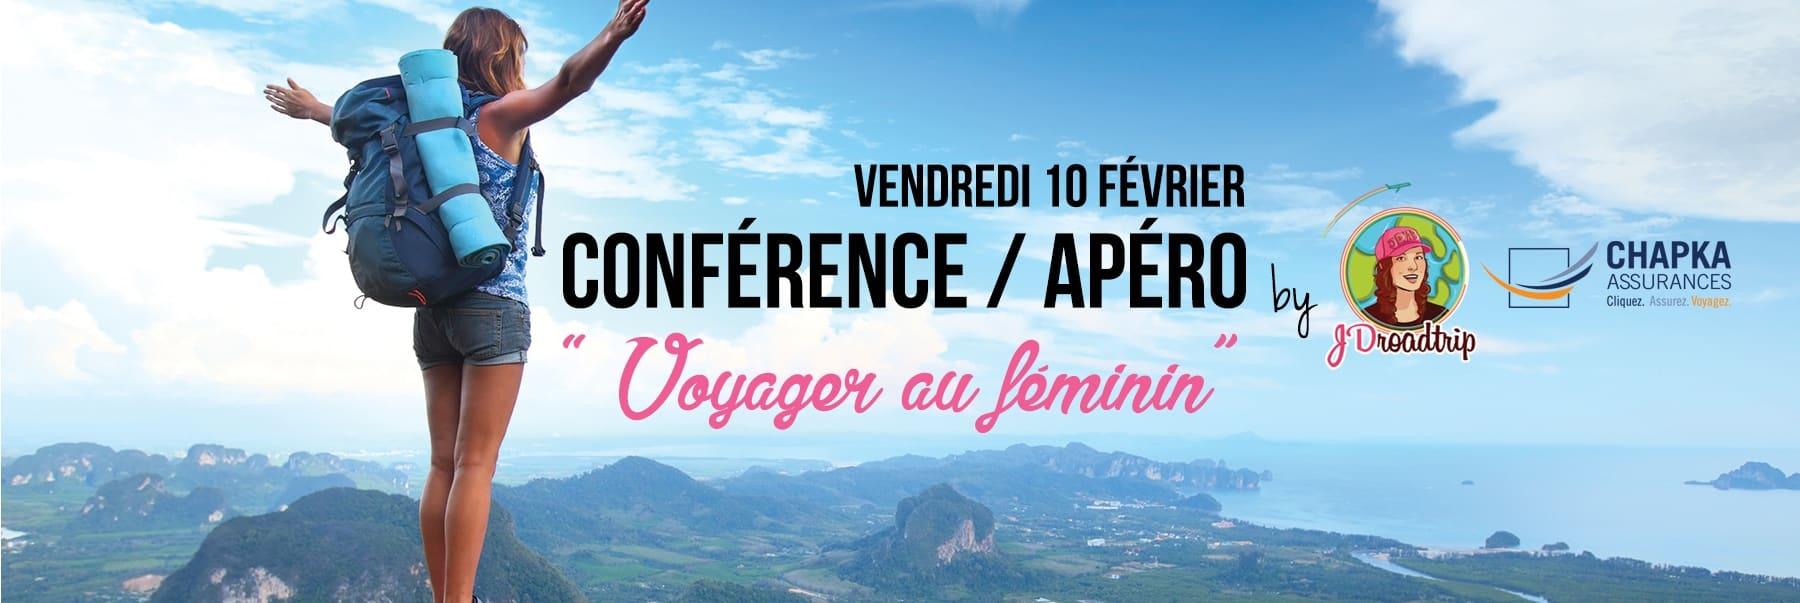 Conférence Voyager au féminin à Paris